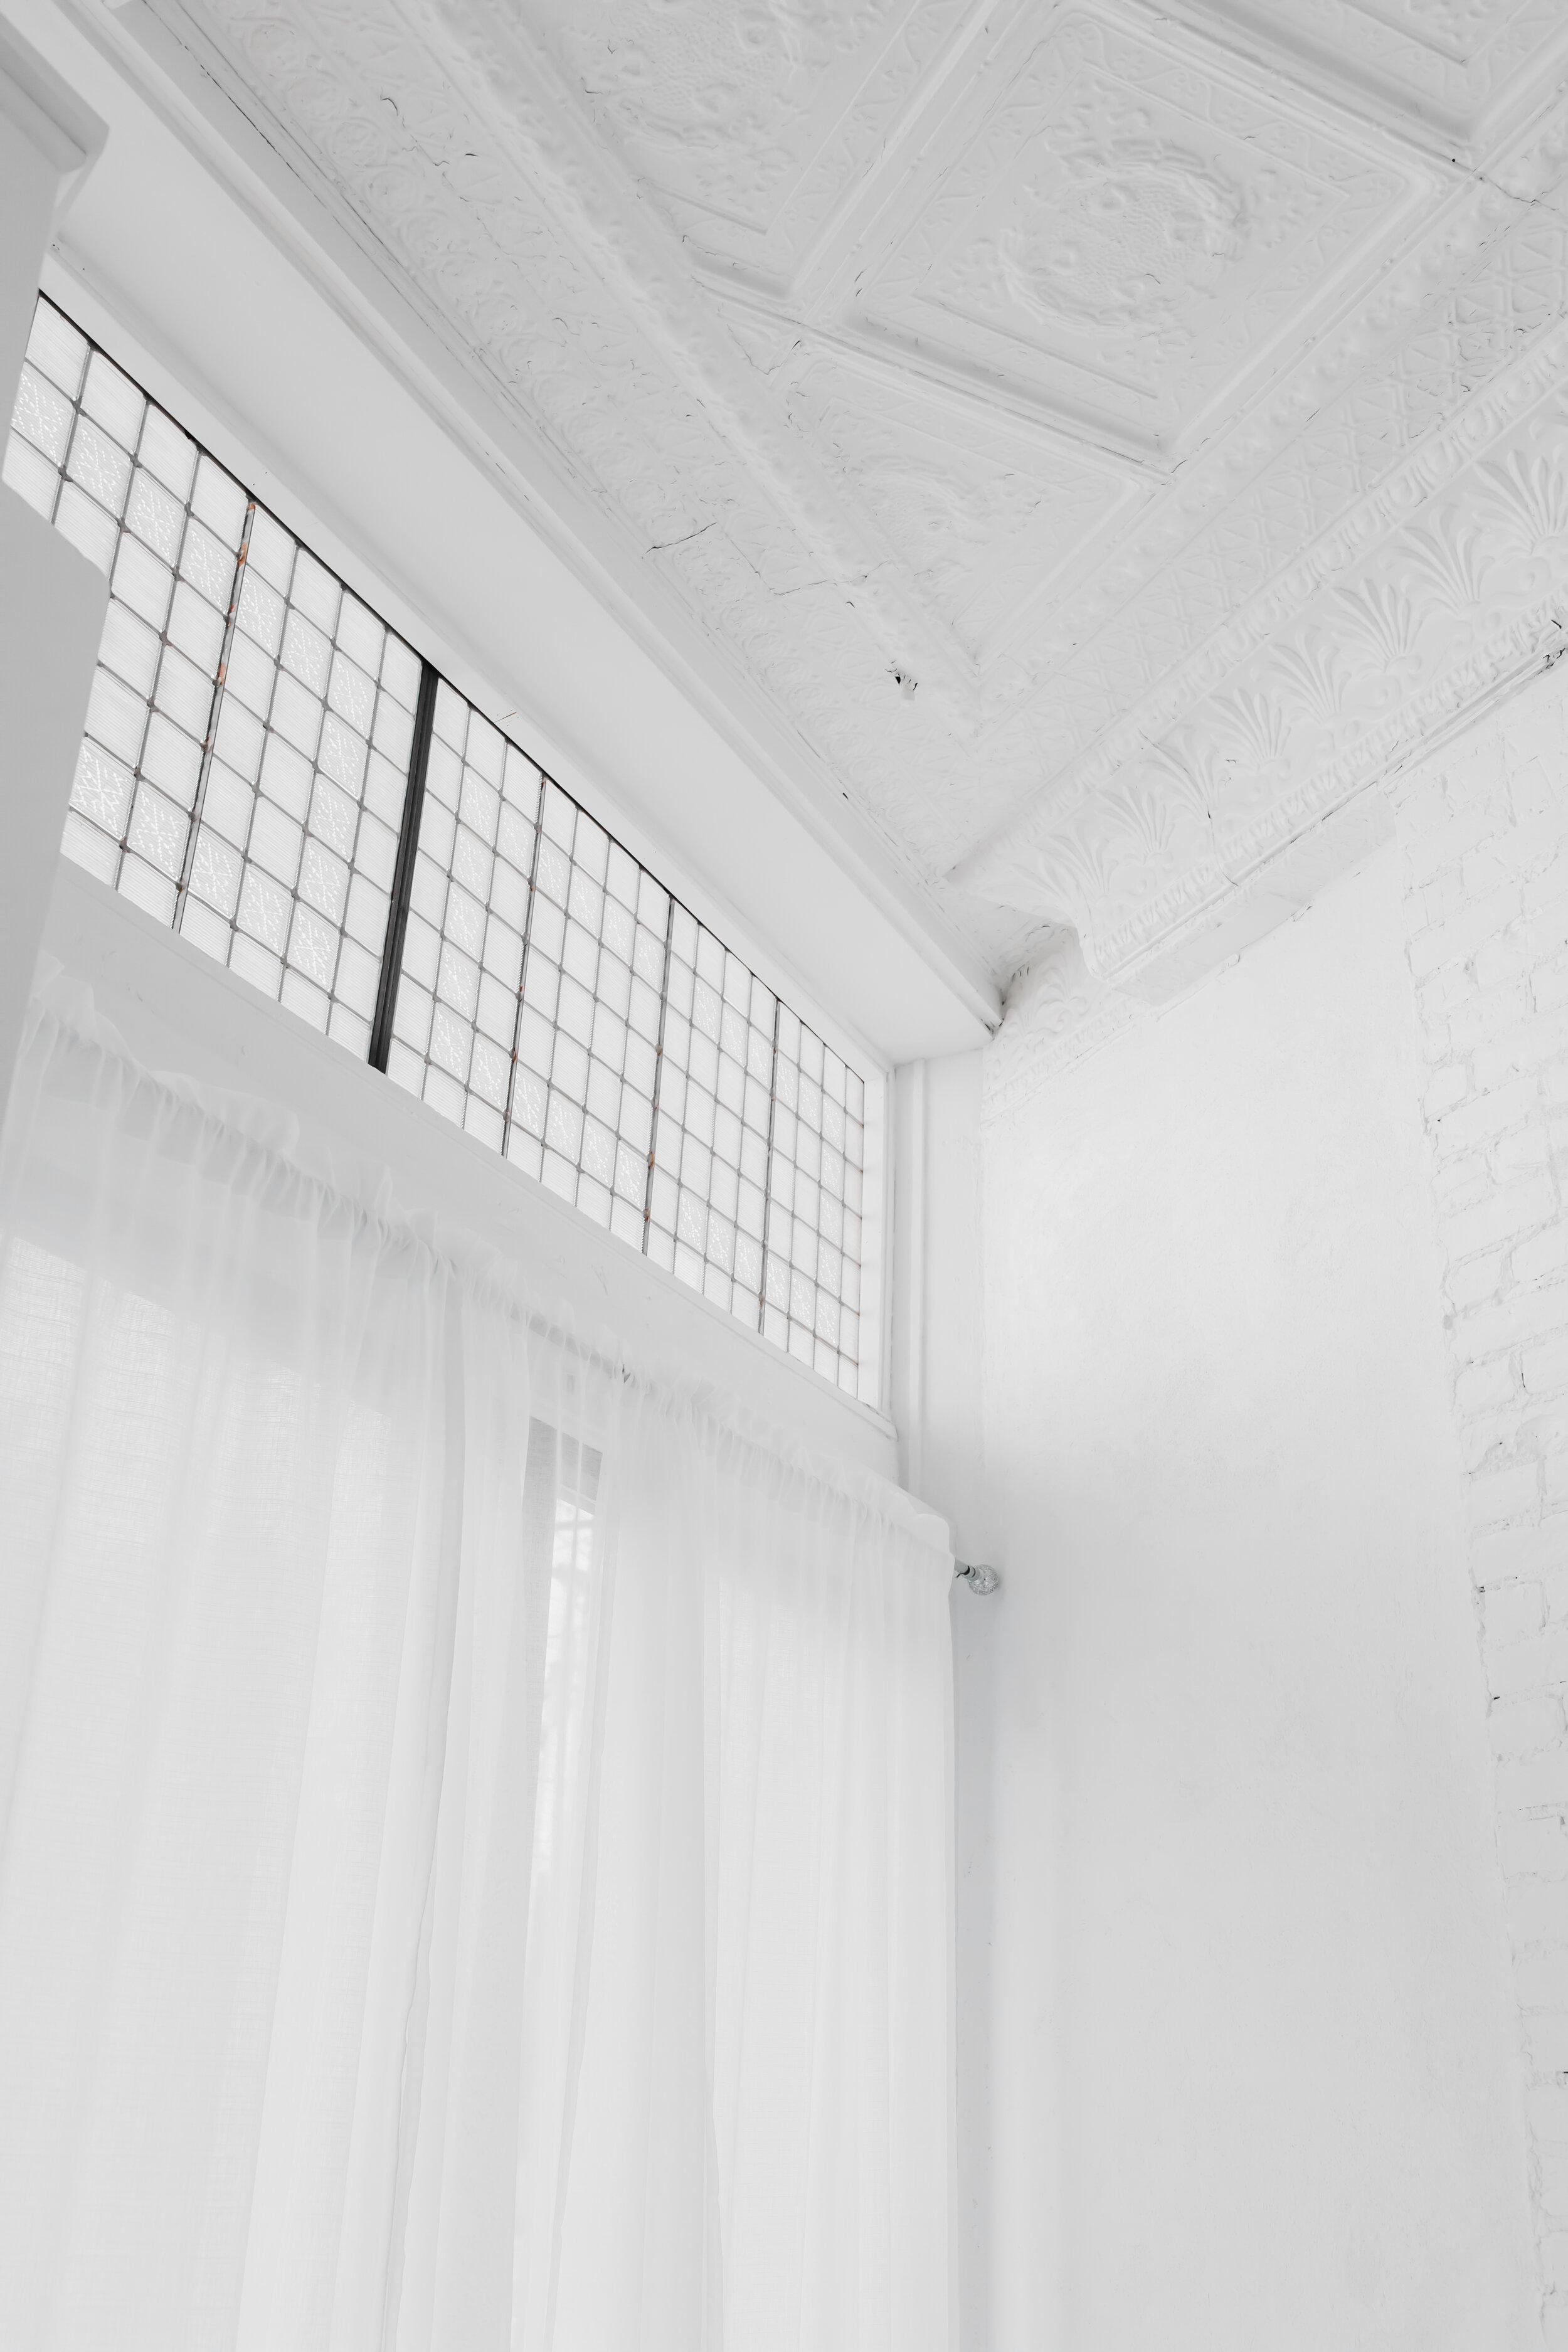 OKOTA_NewSpace_TOP_013.JPG